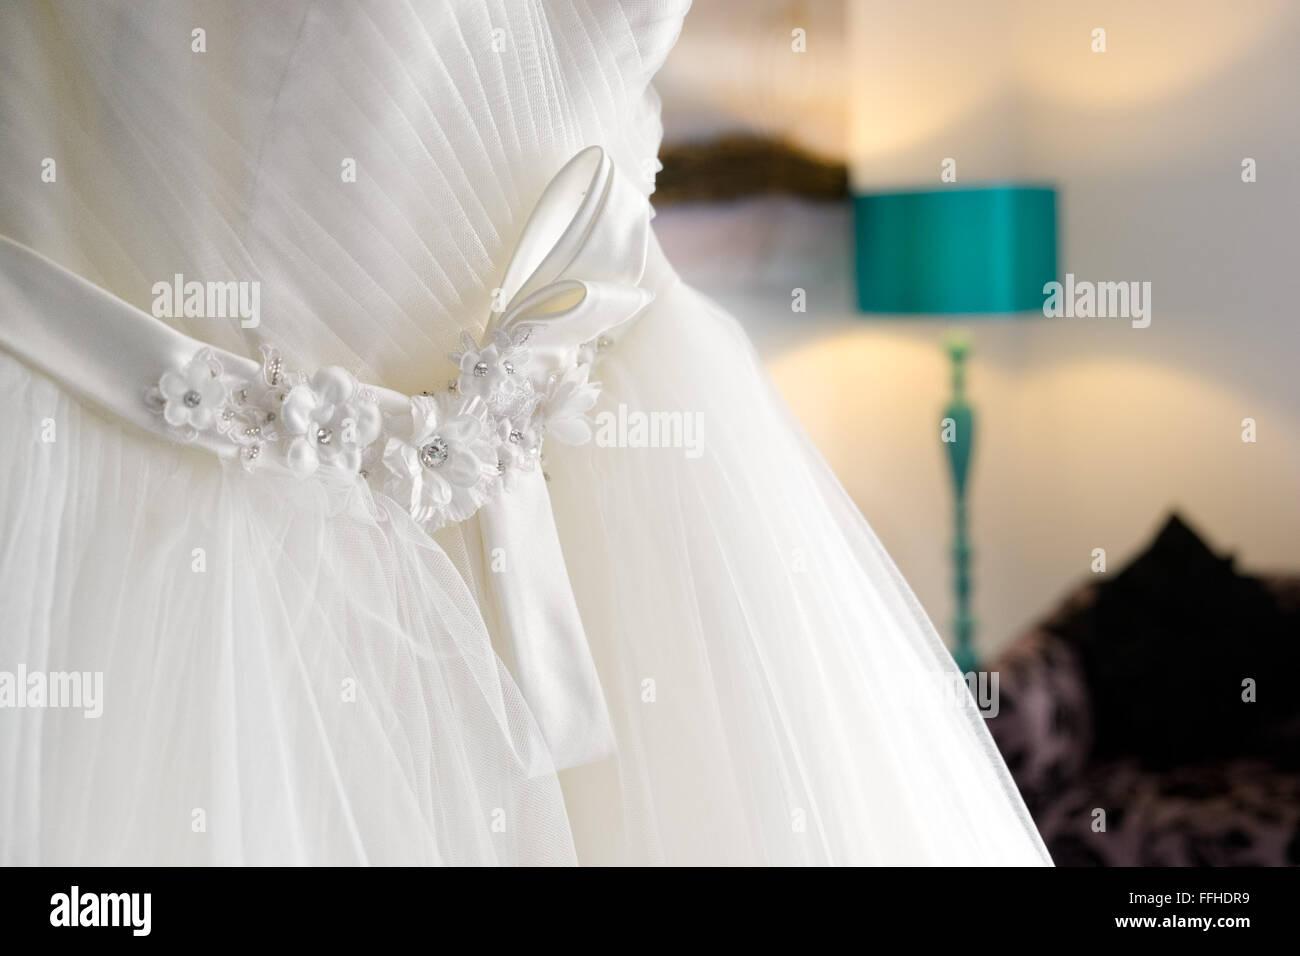 Schön Traditionelles Jüdisches Hochzeitskleid Zeitgenössisch ...